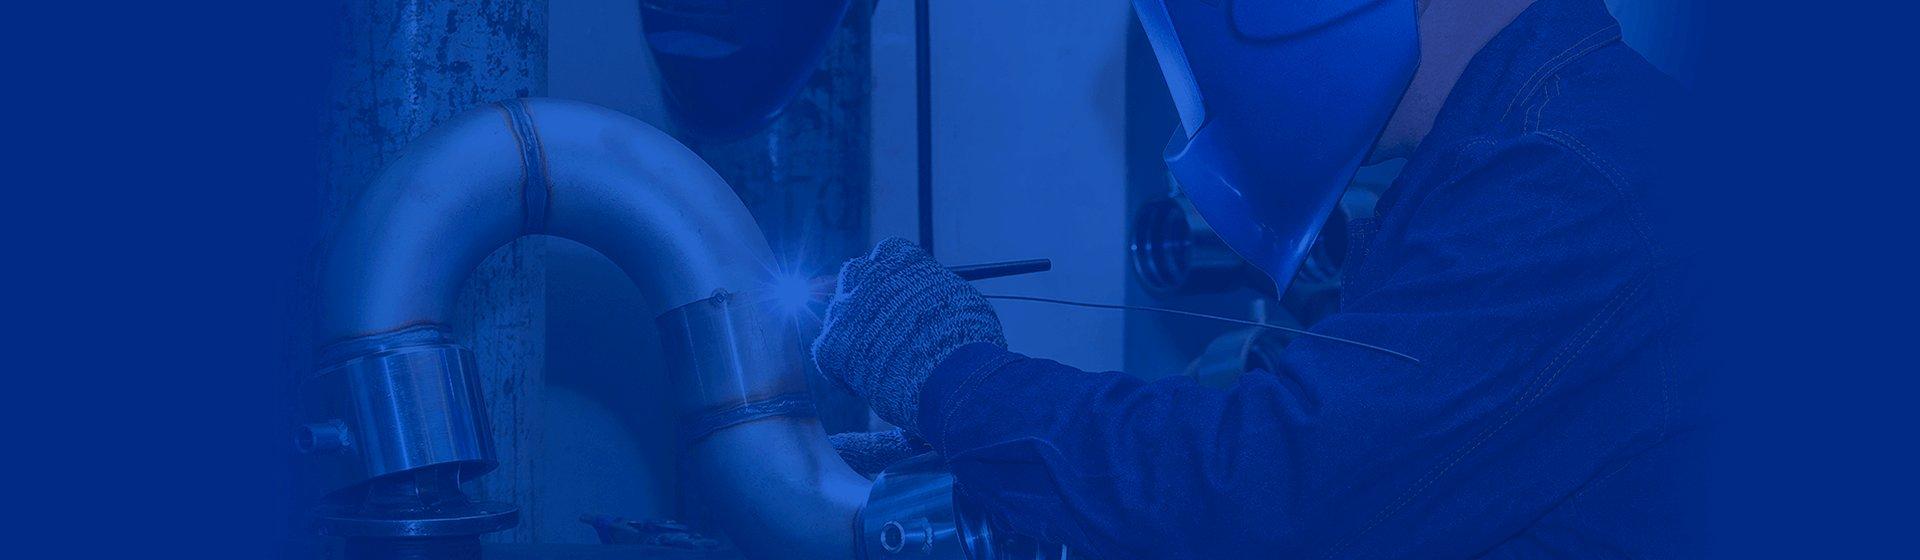 Производство пожарных лафетных стволов и пожарного оборудования